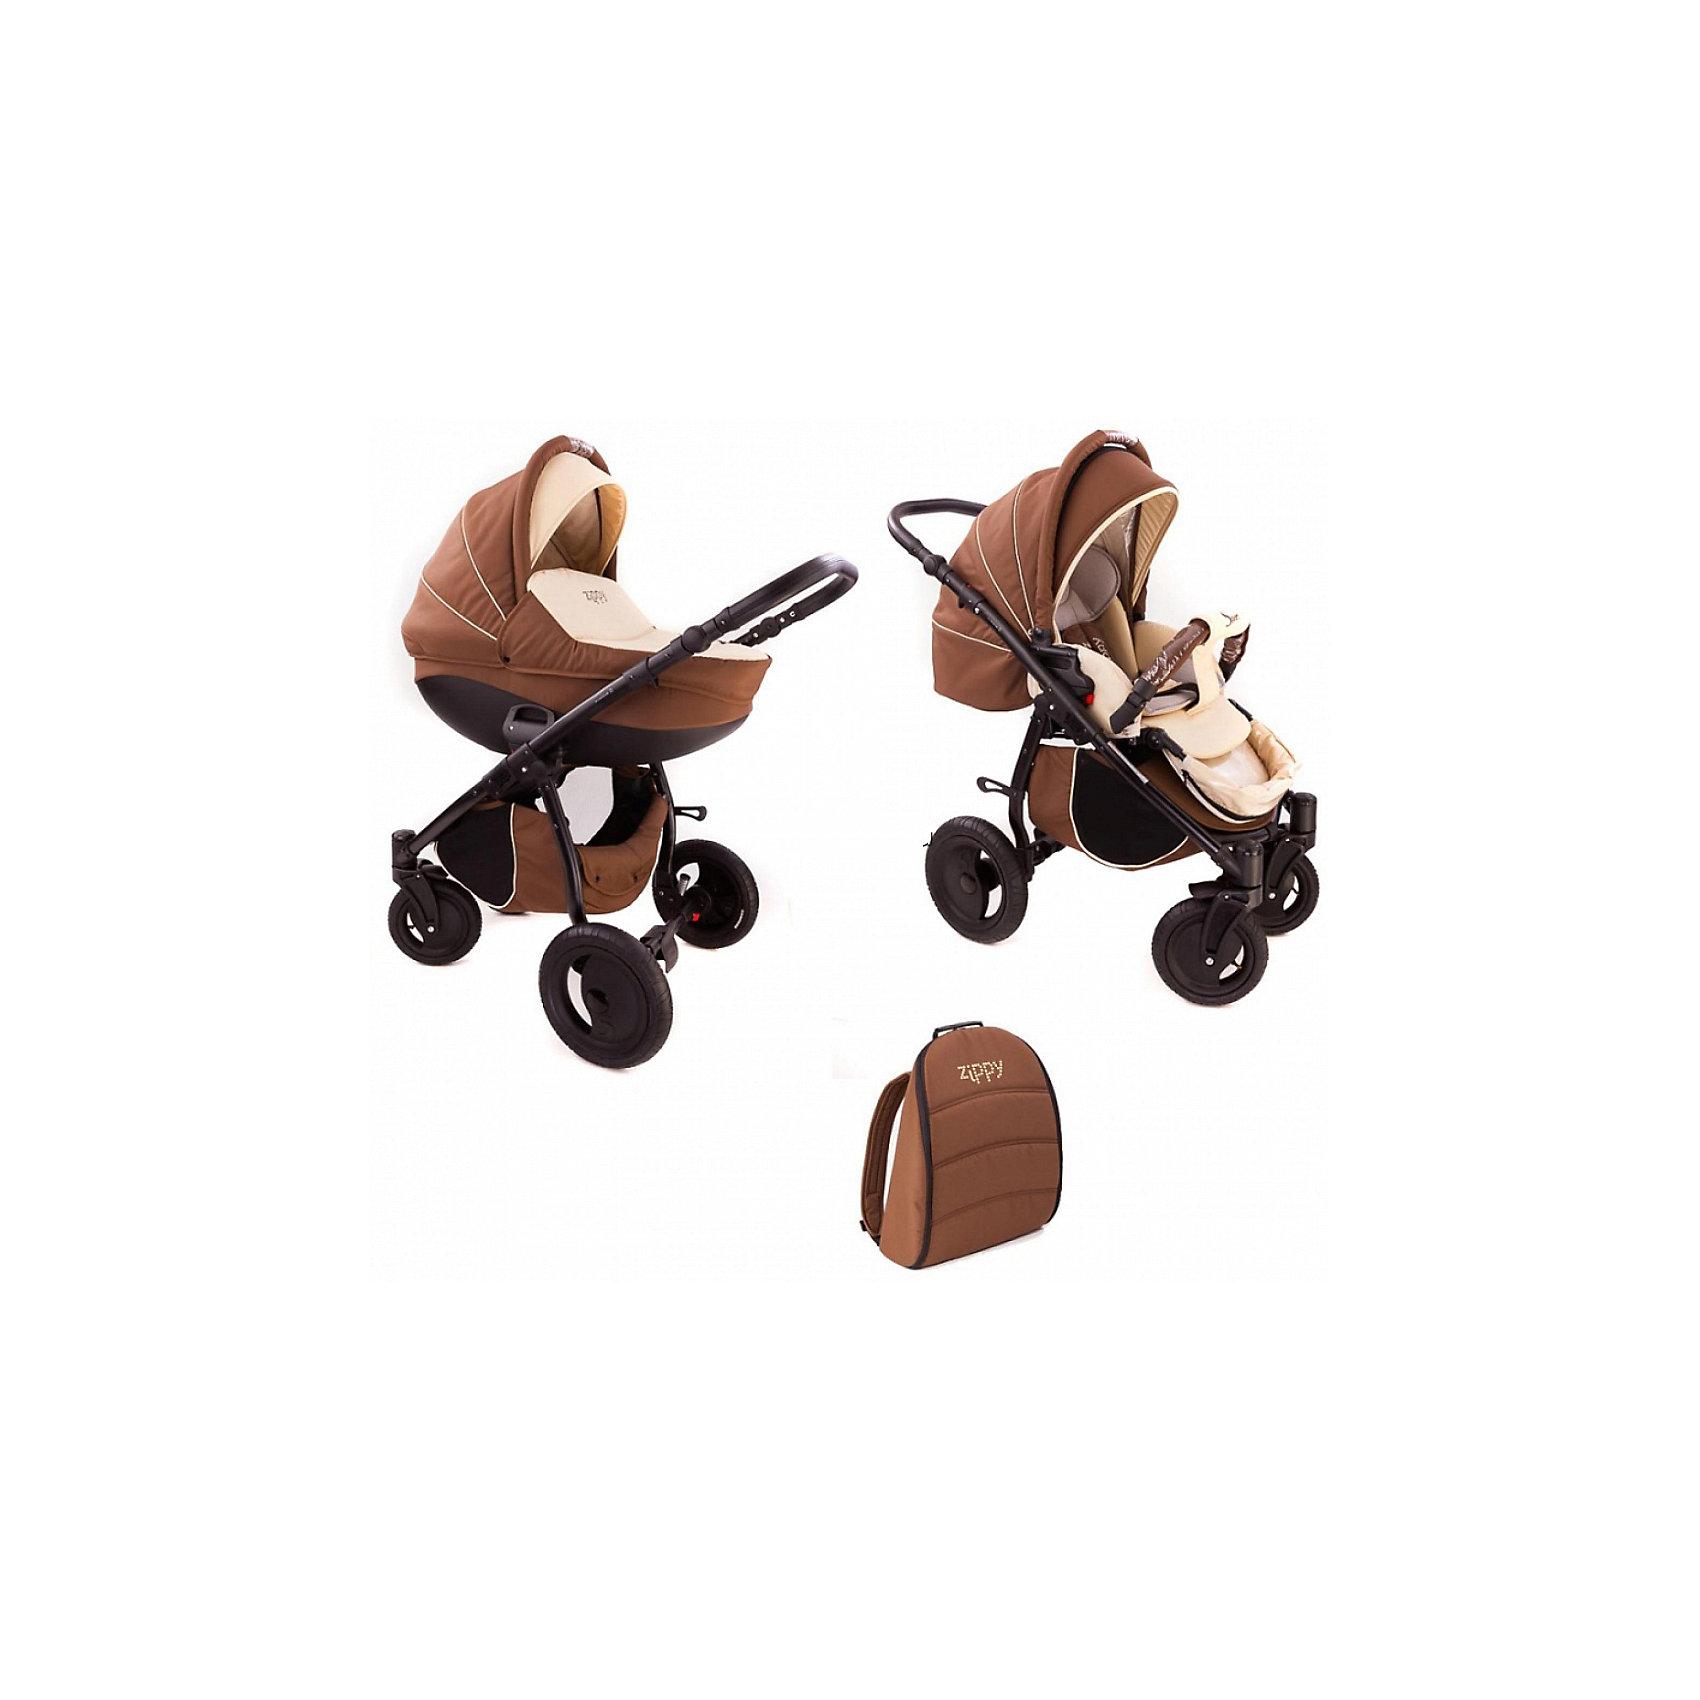 Коляска 2 в 1 Zippy Sport Plus, Tutis, шоколадный/молочныйКоляска 2 в 1 Zippy Sport Plus, Tutis, шоколадный/молочный<br>Коляска 2 в 1 Zippy Sport Plus, Tutis это стильная и маневренная коляска, предназначенная для детей от рождения до 3-х лет. Легкая в управлении, просторная, маневренная, компактная, она оборудована просторной прочной пластмассовой люлькой, которая имеет вентиляционные отверстия в нижней части. Внутри люльки - тканевое покрытие, матрасик из кокосового волокна и регулируемый подголовник. Накидка на люльку защищает малыша от ветра и непогоды. Прогулочный блок имеет широкое сидение с регулируемым наклоном спинки вплоть до горизонтального положения, встроенные пятиточечные ремни безопасности, регулируемую подножку с силиконовой накладкой, матрасик-вкладыш, накидку на ножки, съёмный бампер, обтянутый мягкой тканью с силиконовой накладкой. Большой регулируемый капюшон с ручкой для переноски имеет вентилируемую вставку под молнией. В капюшоне прогулочного блока предусмотрена встроенная силиконовая вставка. Высоту ручки для мамы можно отрегулировать. Предусмотрена вместительная корзина для покупок и сумка для мамы в виде рюкзака. Коляска имеет надувные колеса, передние - поворотные с блокировкой, задние - с ножными тормозами. Шасси выполнено из алюминия, легко и компактно складывается. Все внутренние поверхности и материалы натуральны и безопасны. Для их изготовления используется специально сотканная прочная нежная хлопчатобумажная ткань, особая технология SILVER PLUS обеспечивает защиту от микробов и аллергенов.<br><br>Дополнительная информация:<br><br>- Комплектация: люлька, прогулочный блок, шасси, матрас для люльки, чехол на ноги (для люльки и прогулочного блока), москитная сетка, дождевик, рюкзак для мамы, корзина для покупок, матрас-вкладыш для прогулочного блока<br>- Функция качания (когда люлька лежит на полу)<br>- Регулируемая амортизация шасси<br>- Размеры: прогулочный блок 95х39х24 см. внутренний размер люльки 34х76 см.<br>- Размер сложенной коля